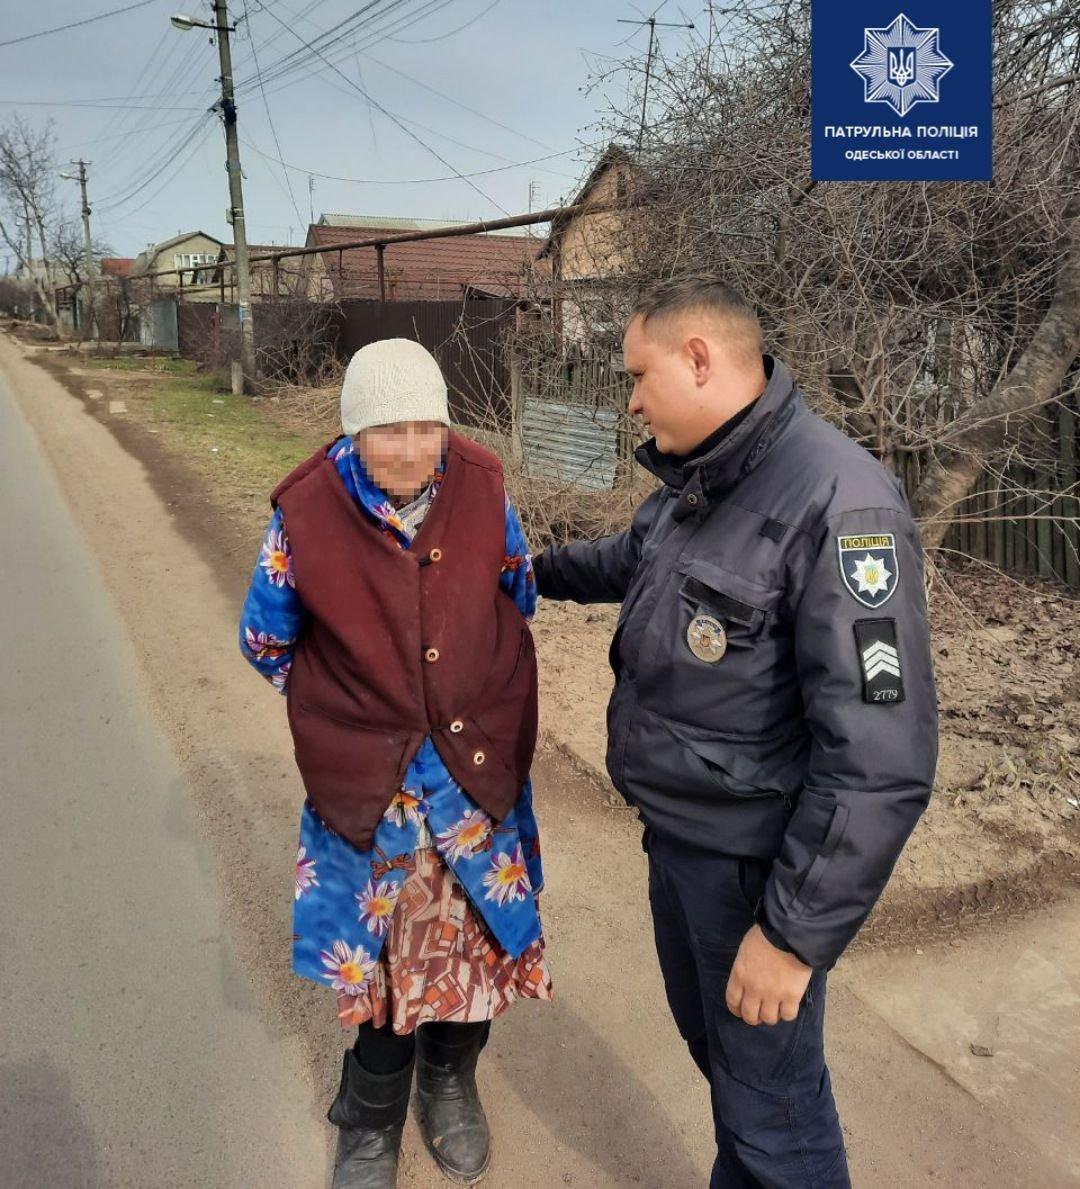 В Одессе патрульные вернули пропавшую бабушку родственникам, - ФОТО, фото-1